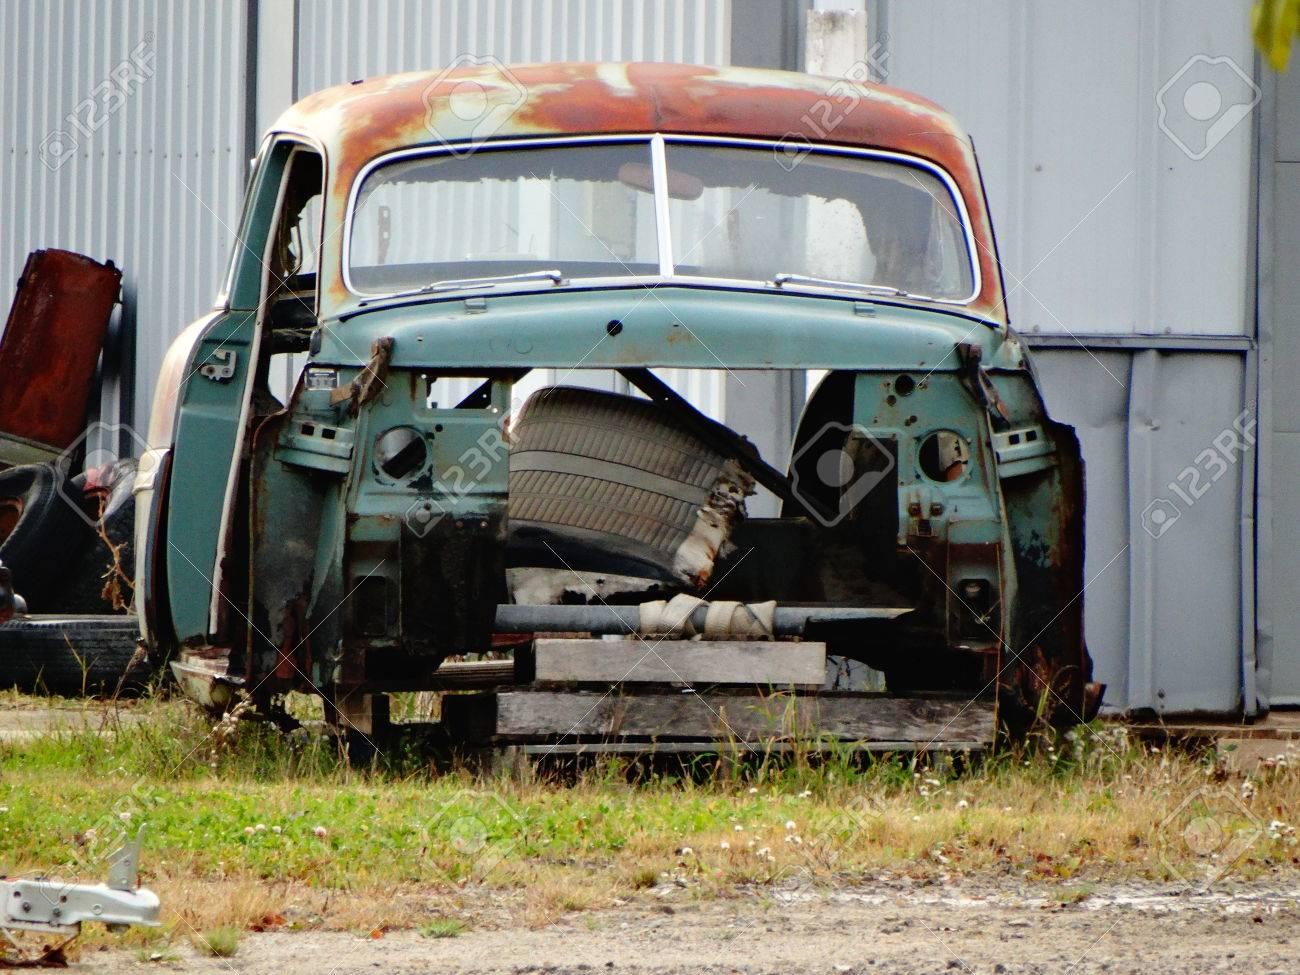 Grüne Rostigen Auto Rahmen Lizenzfreie Fotos, Bilder Und Stock ...